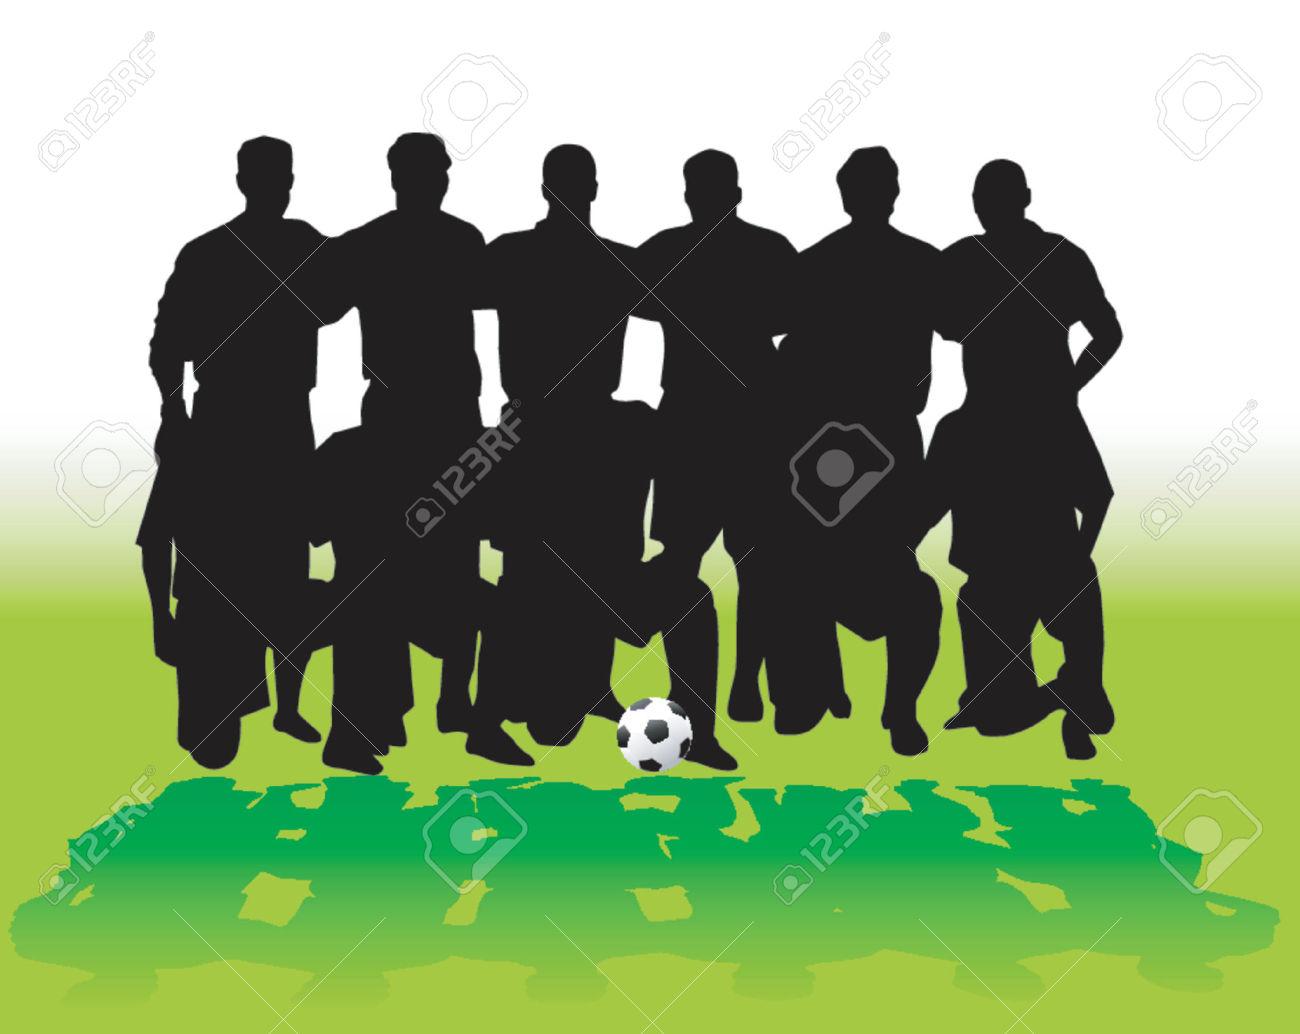 410051-la-squadra-di-calcio-vettore-archivio-fotografico